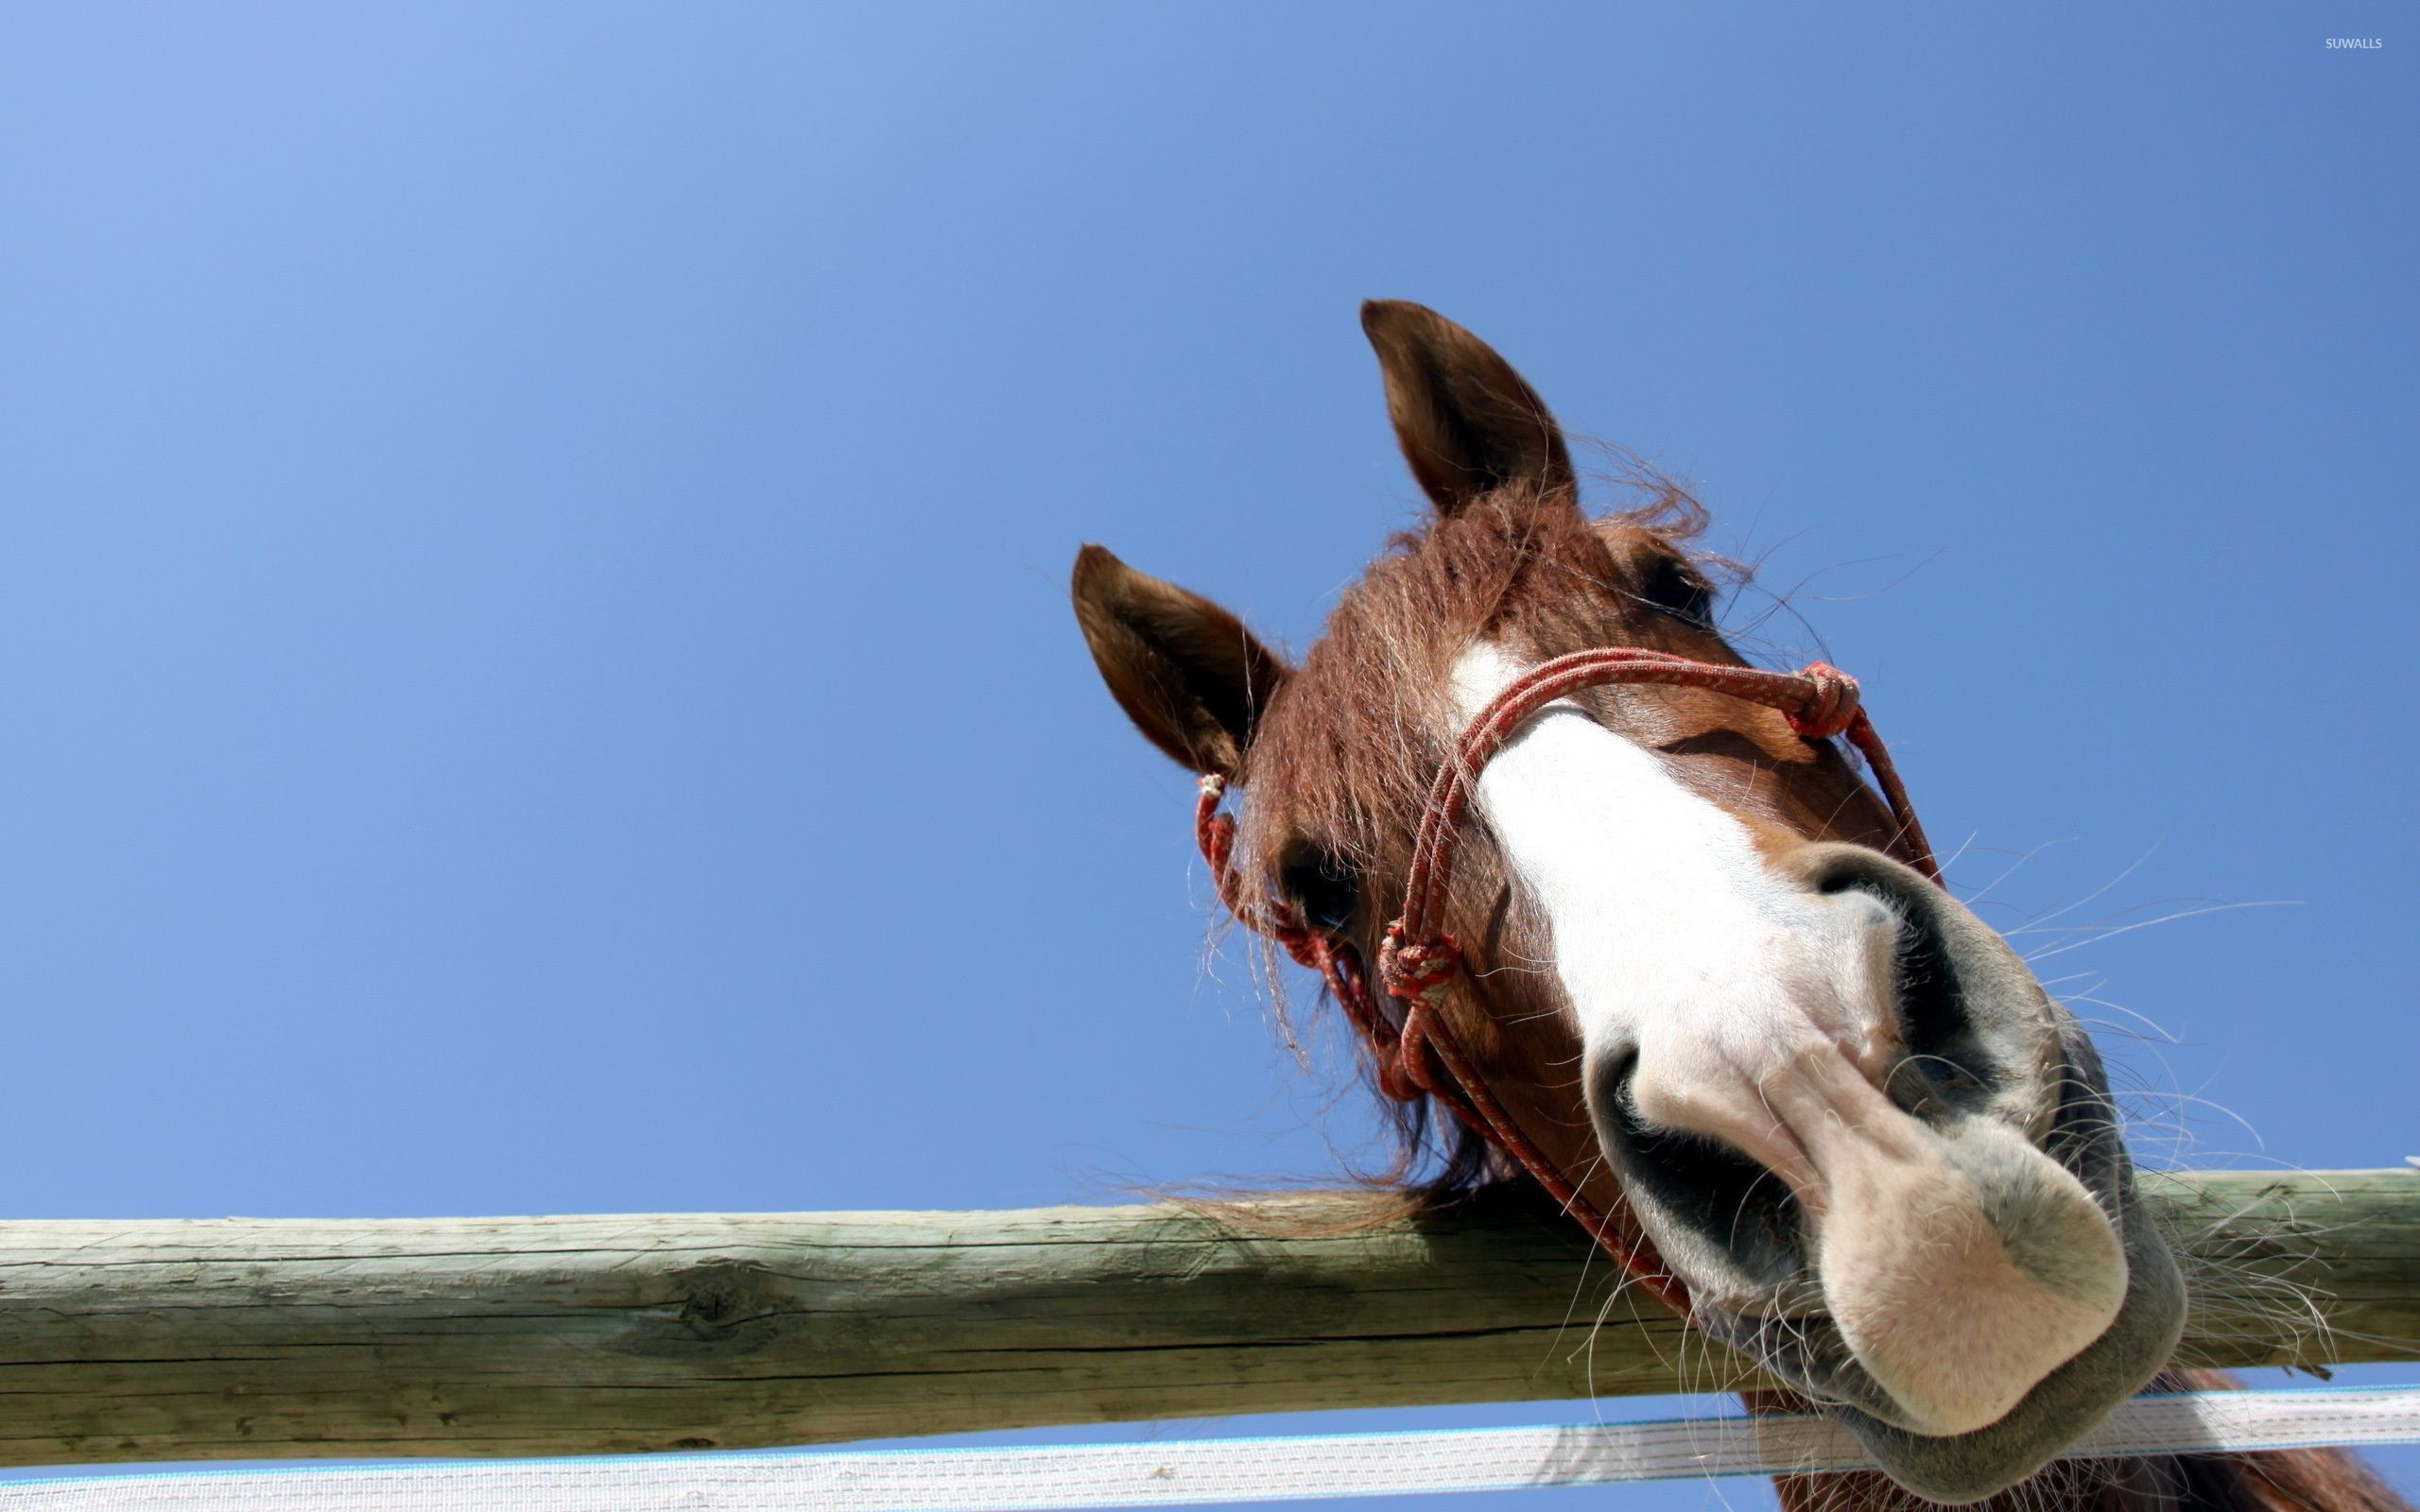 Curious horse wallpaper jpg